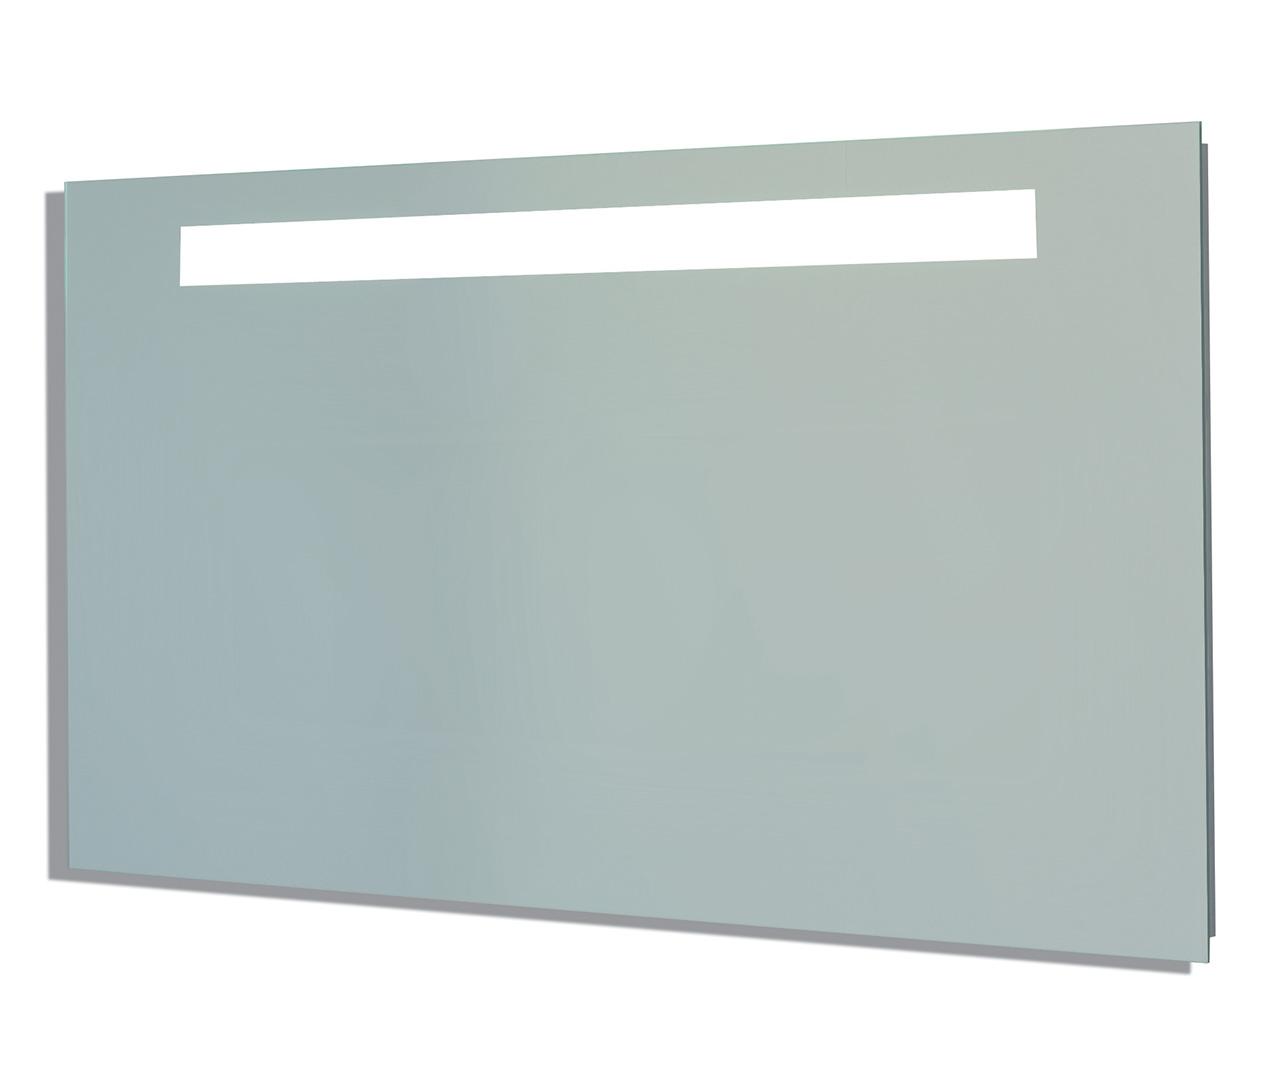 Gamme Reflet Miroirs Miroir Salle De Bain Sanijura